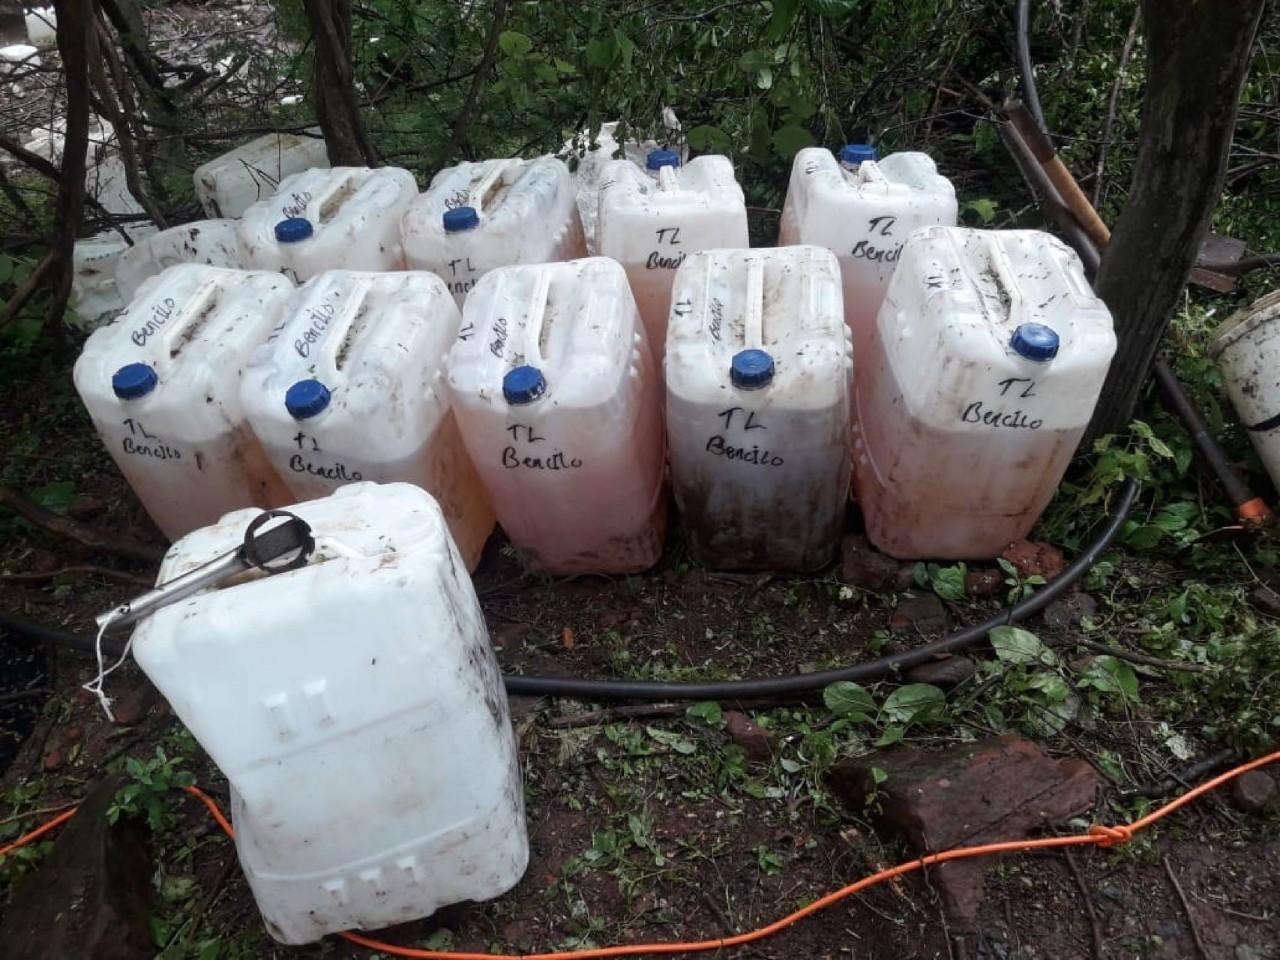 Aseguran-una-tonelada-de-precursores-químicos-en-Sinaloa